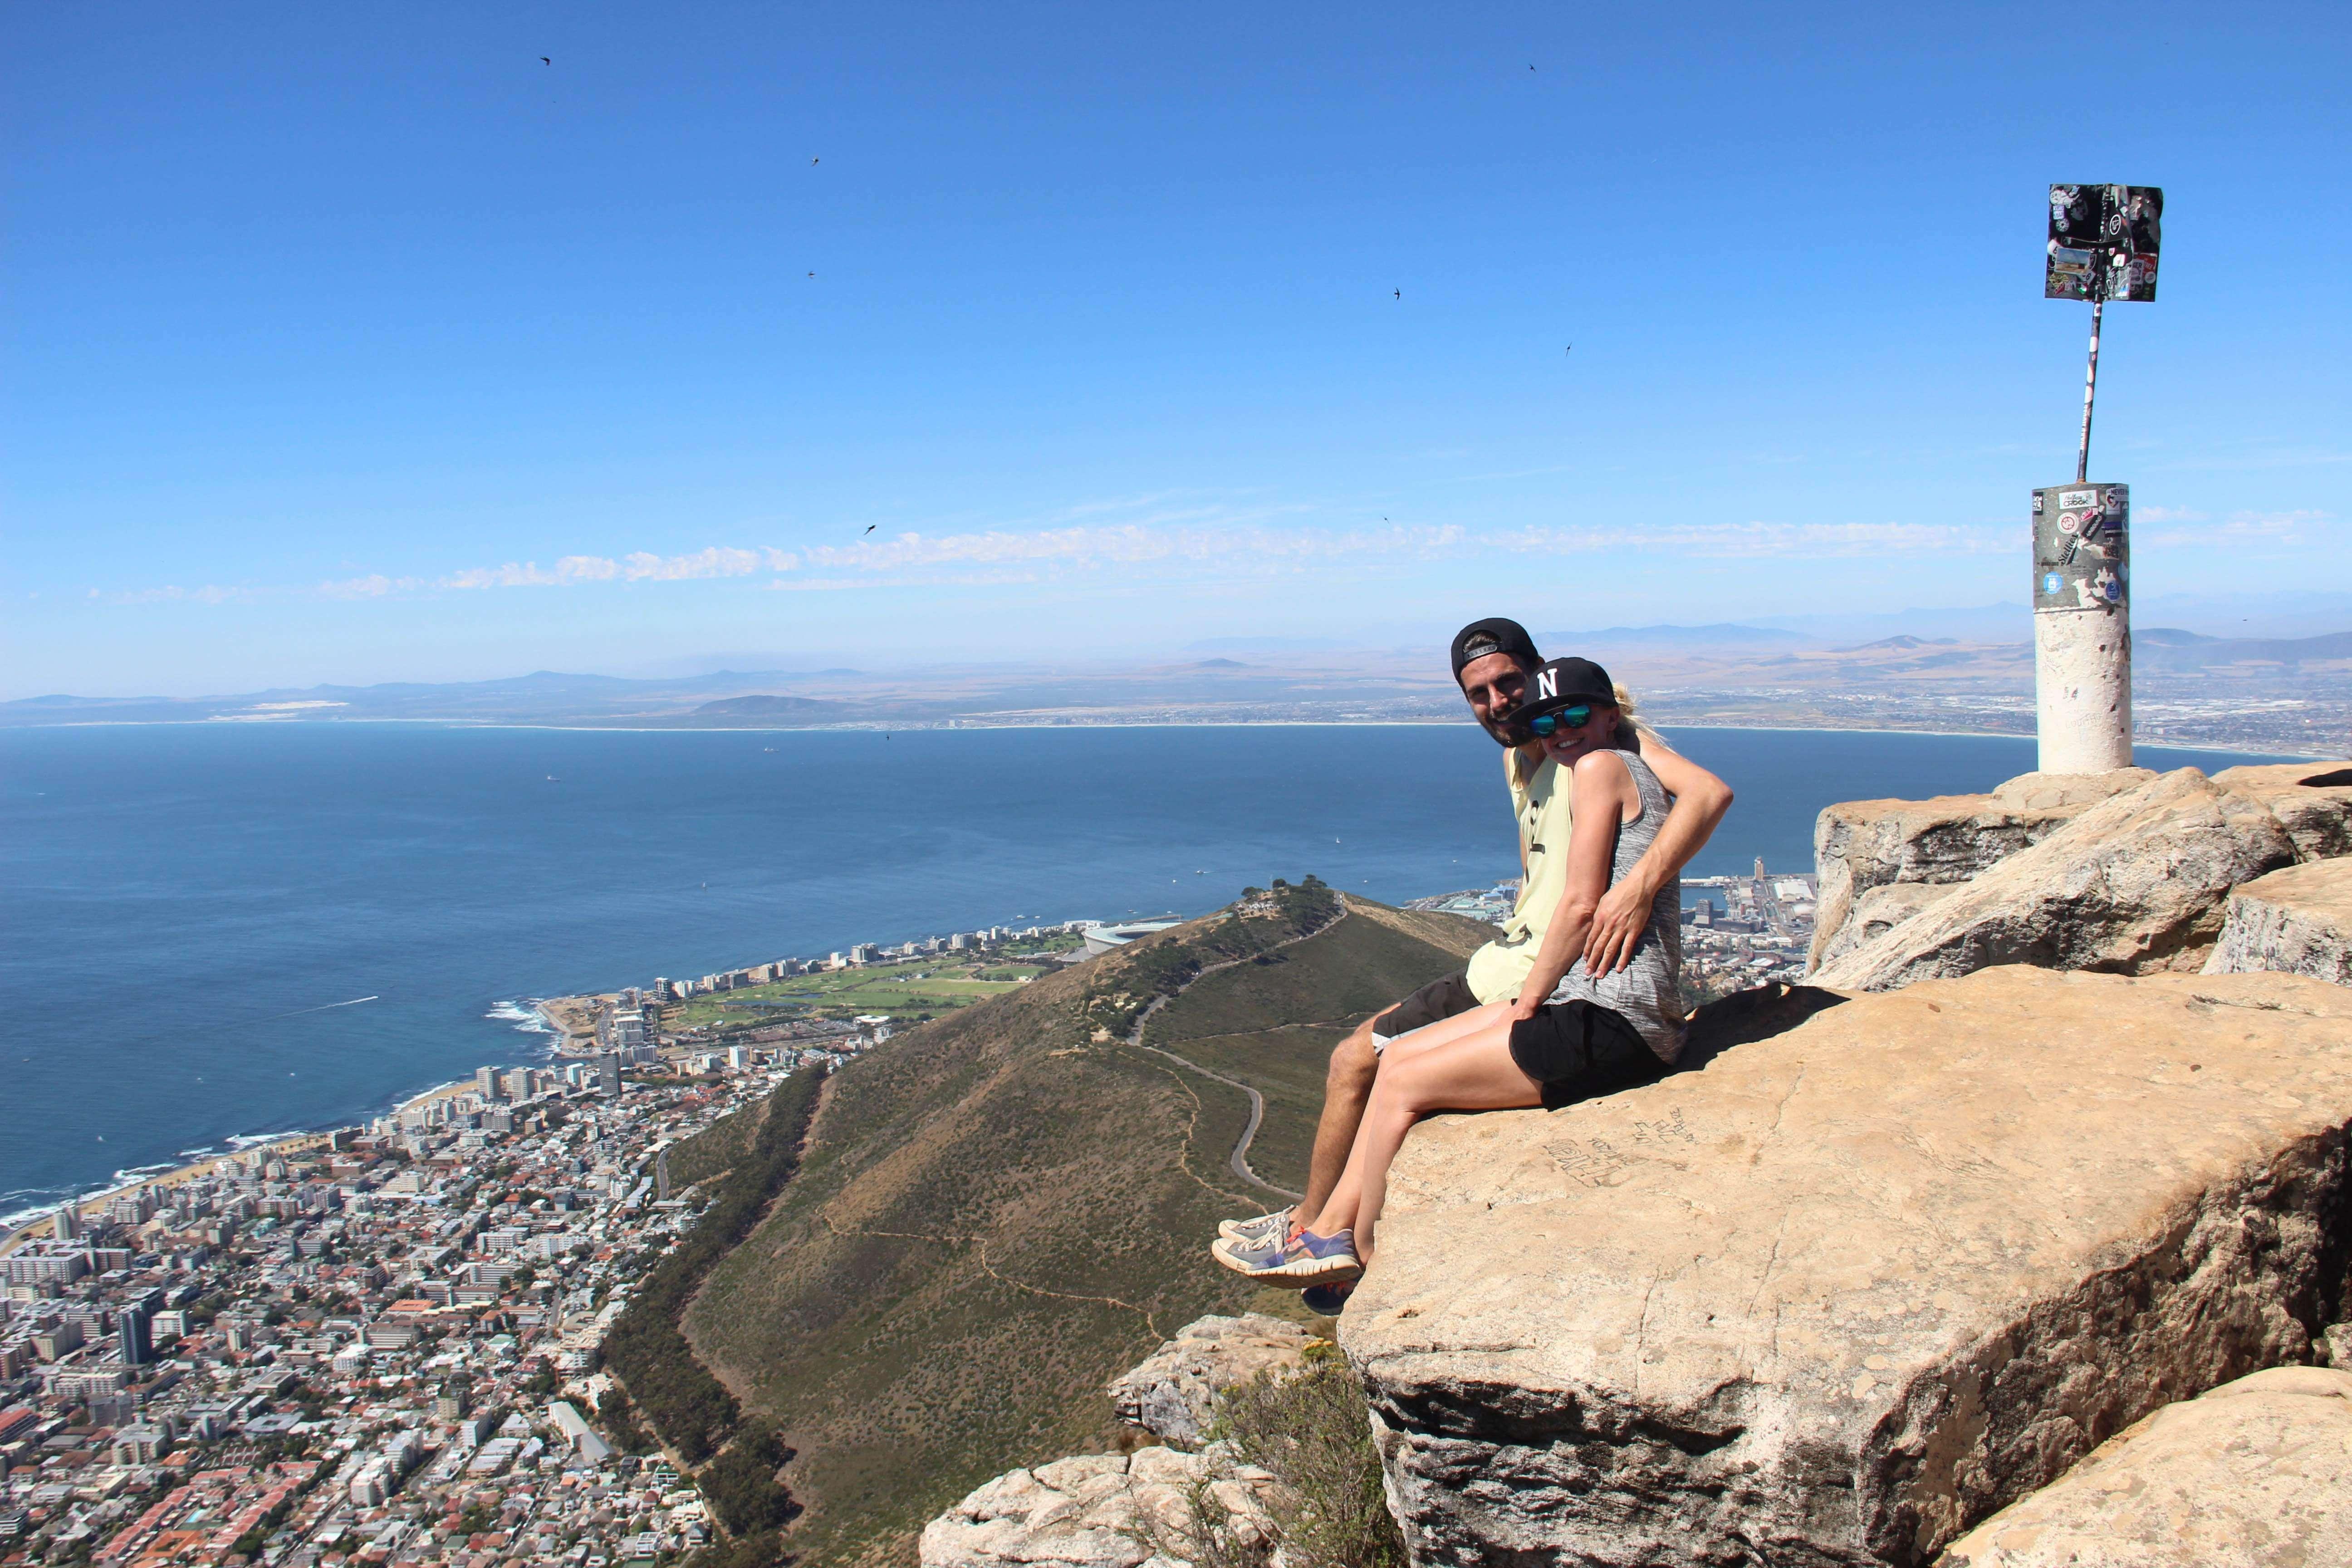 Weltreise_Backpacking_Südafrika_Kapstadt